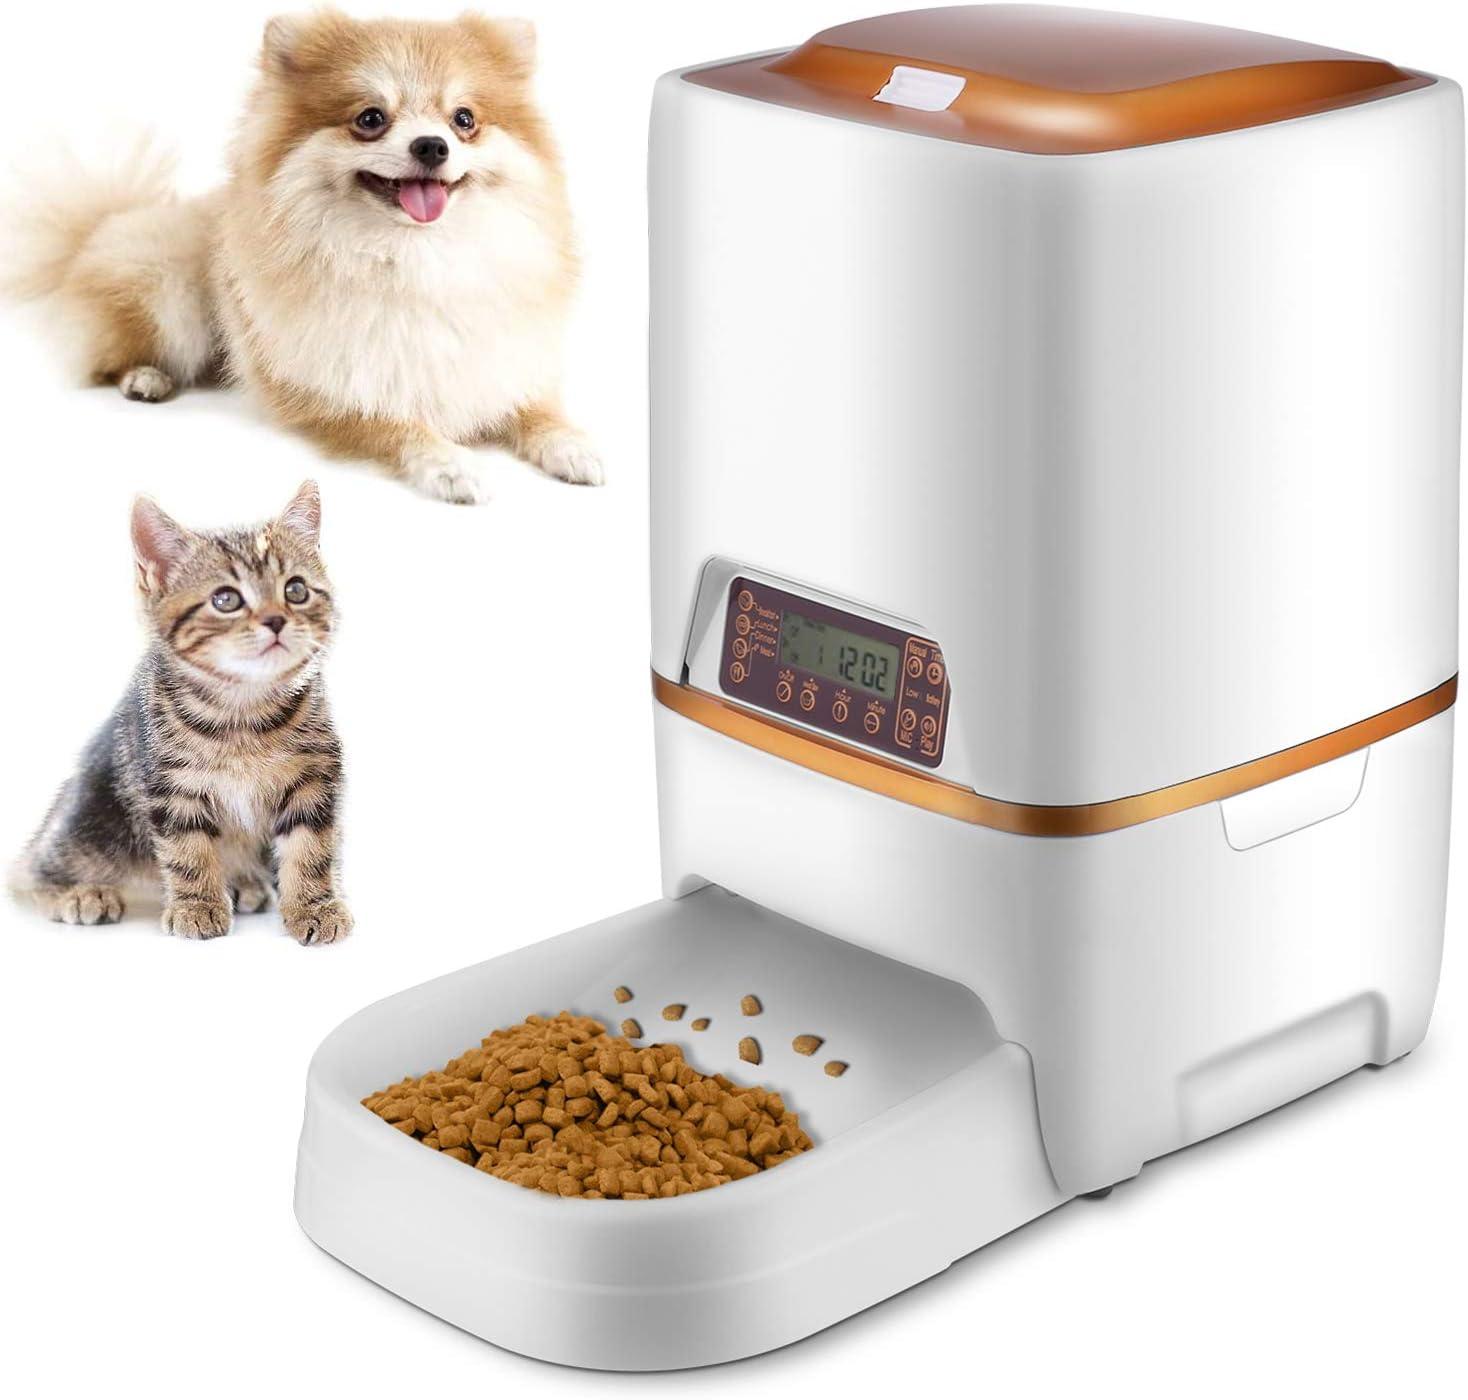 Sailnovo 6L Comedero Automático para Perro y Gato con Grabación de Voz, Temporizador, Detección de Infrarrojos, Consumo de Energía Bajo